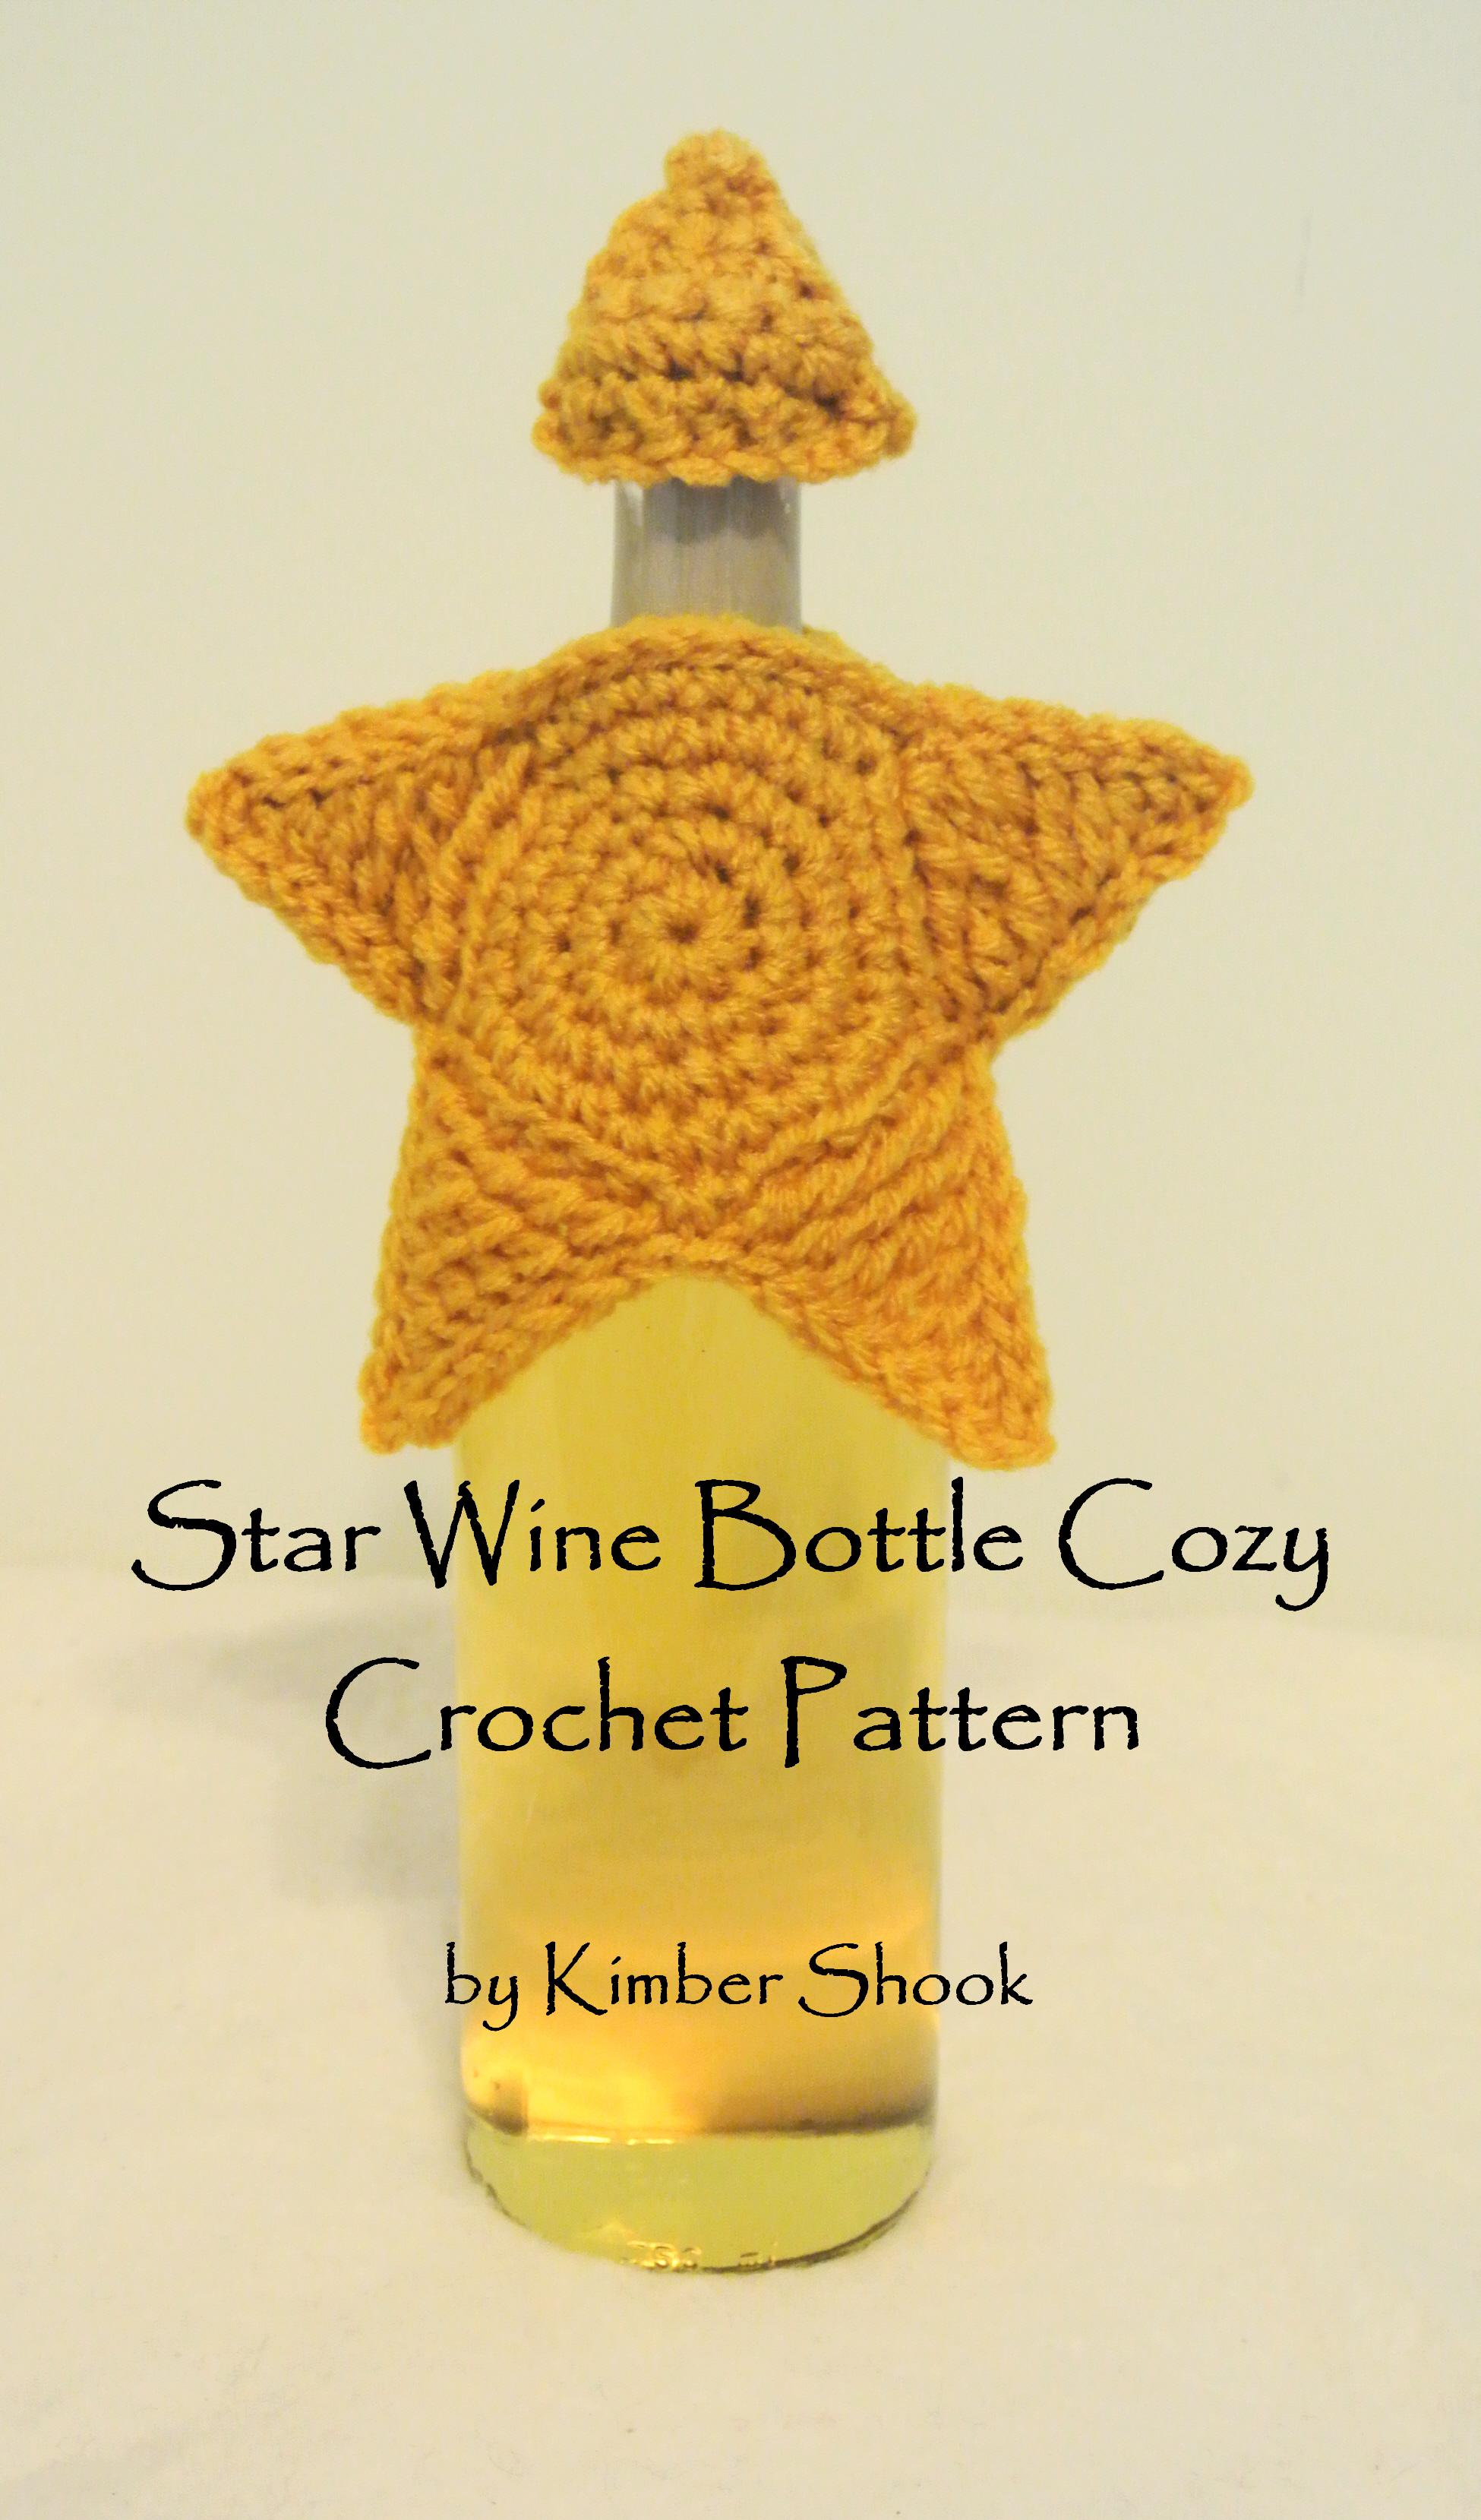 Smashwords Star Wine Bottle Cozy Crochet Pattern A Book By